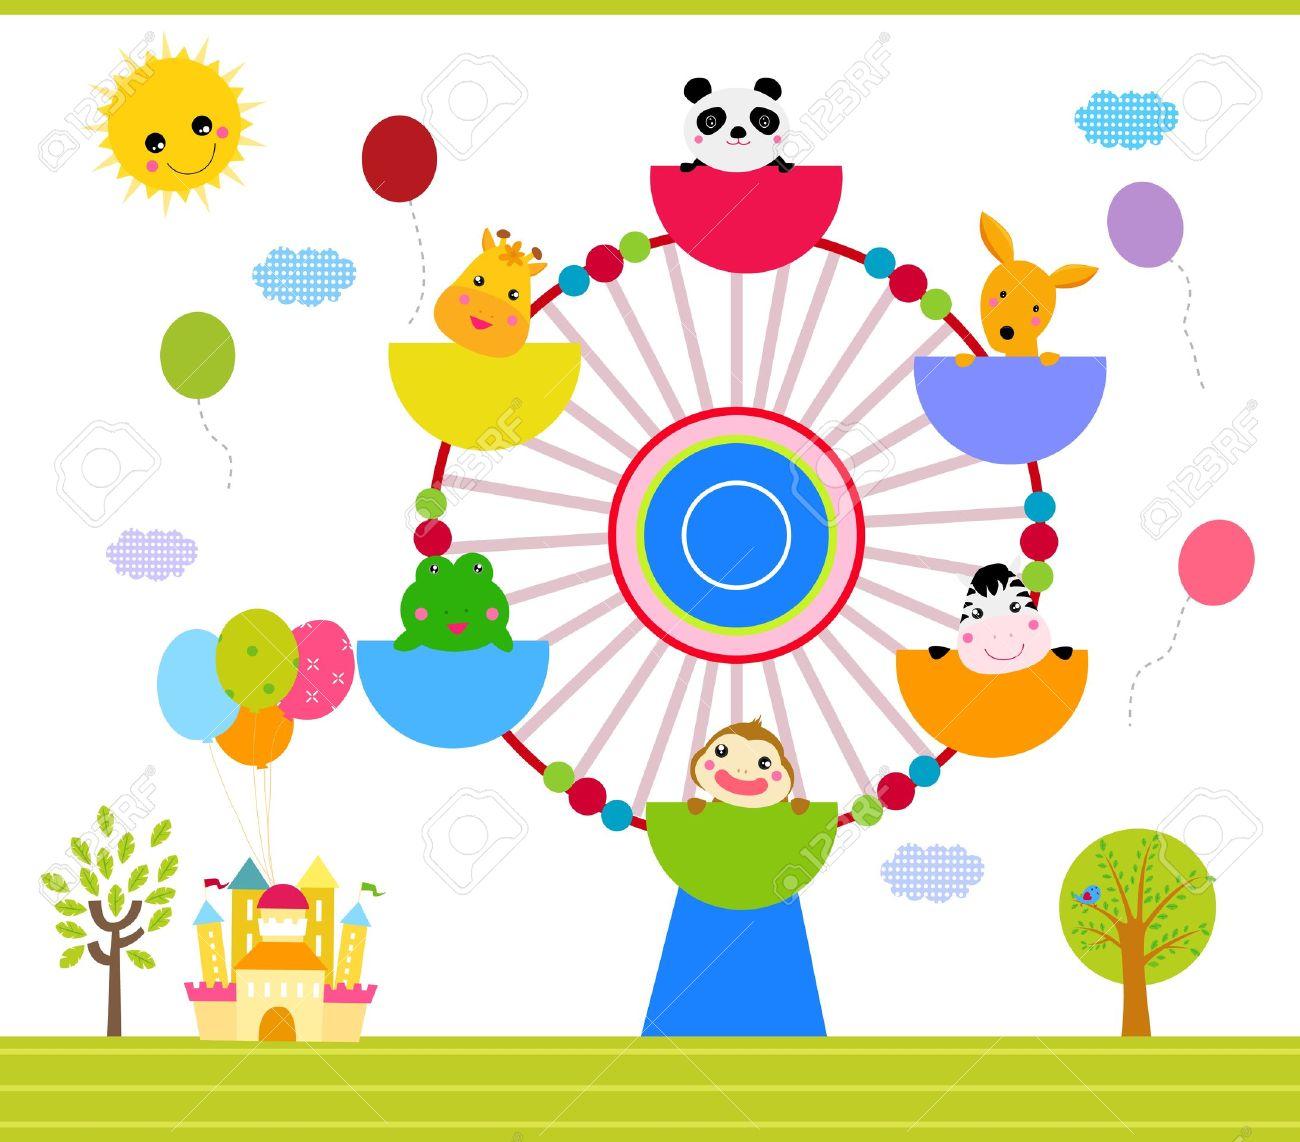 幸せな動物と観覧車のイラスト素材ベクタ Image 16041866